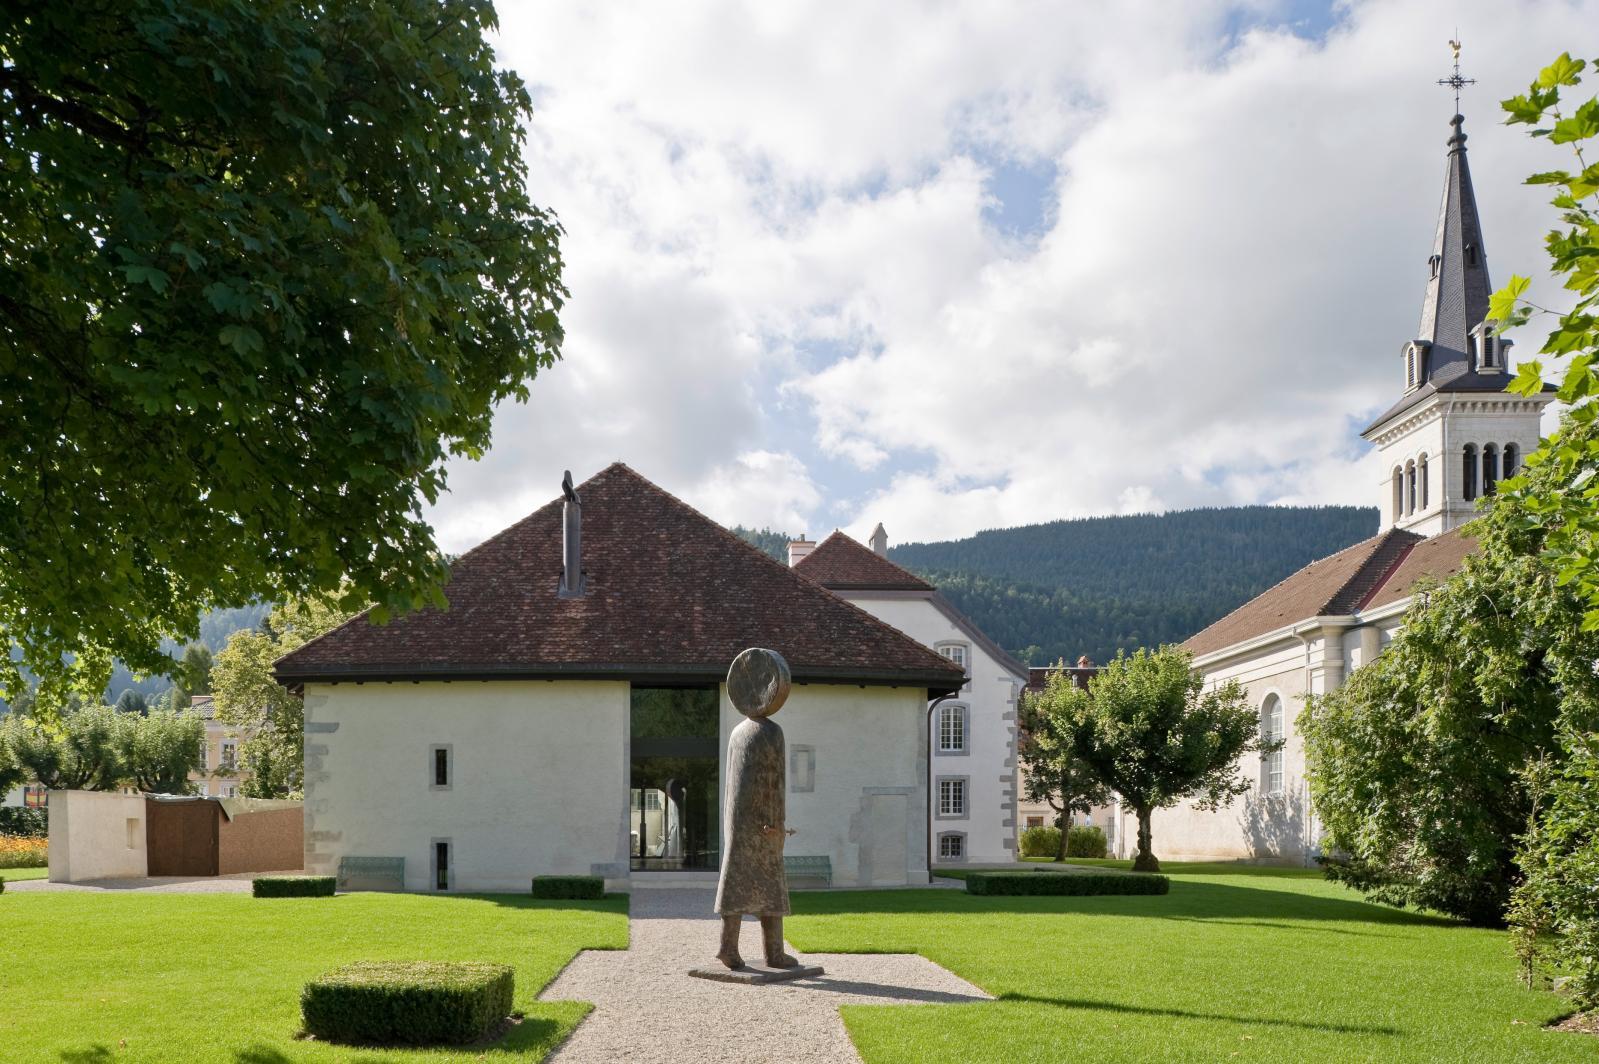 Jean-Michel Folon (1934-2005), Le Temps (Time), 2005, patinated bronze, 1/5.